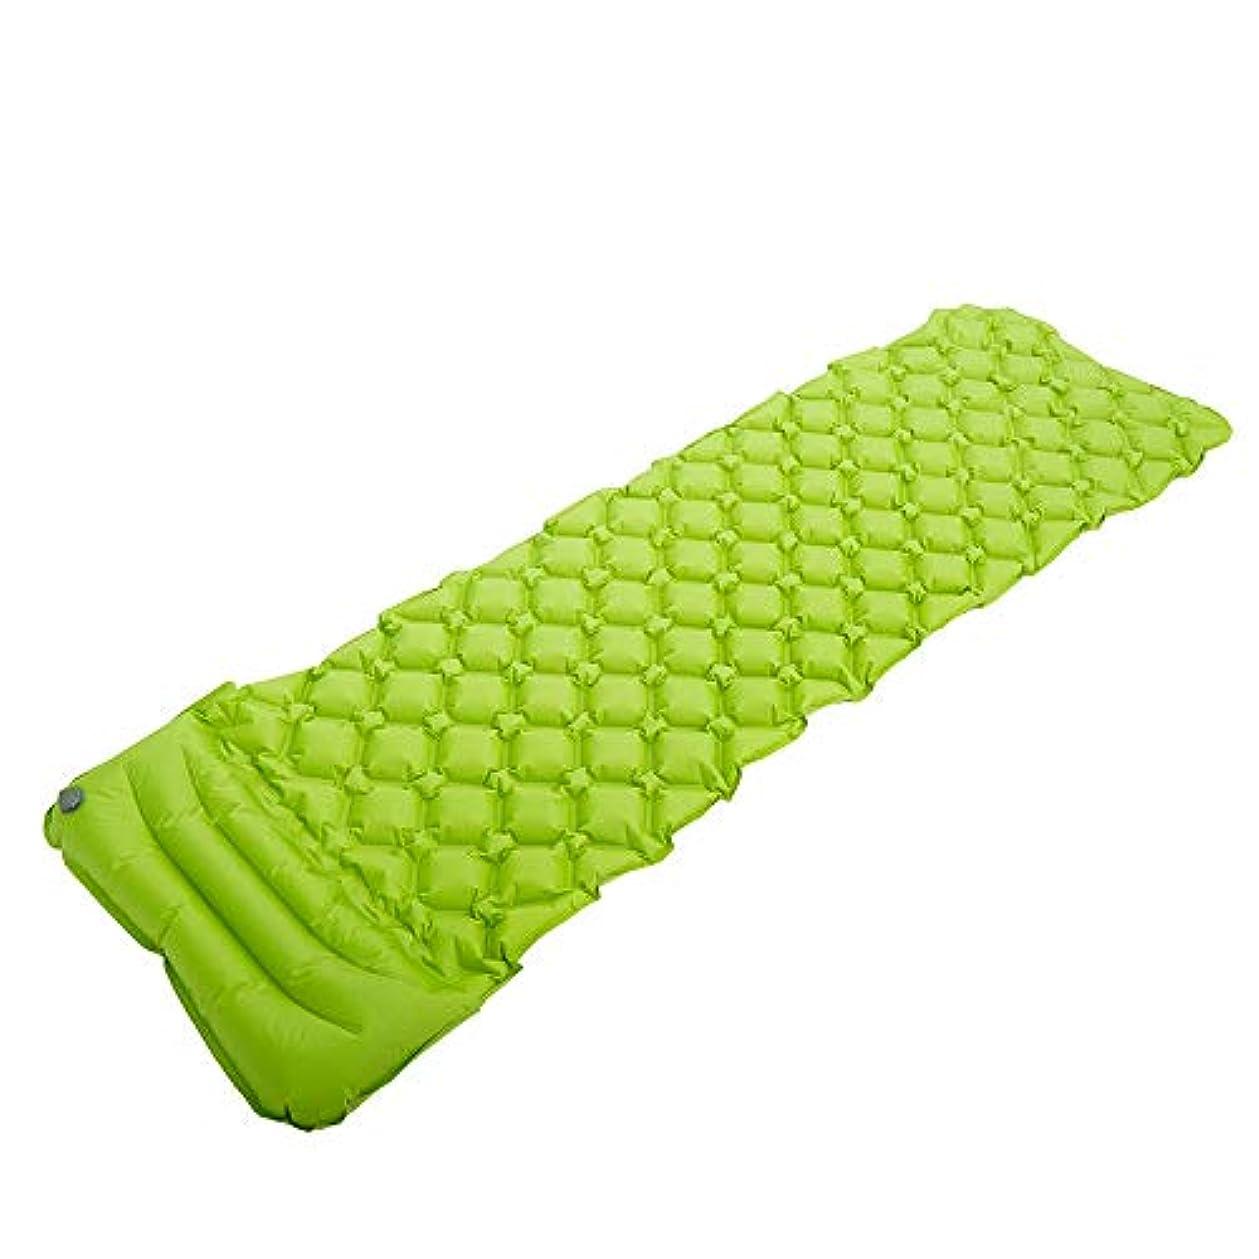 主流素人ビヨン室外露营单一通货膨胀靠垫厚实空气垫子床垫超轻量通货膨胀垫湿气垫